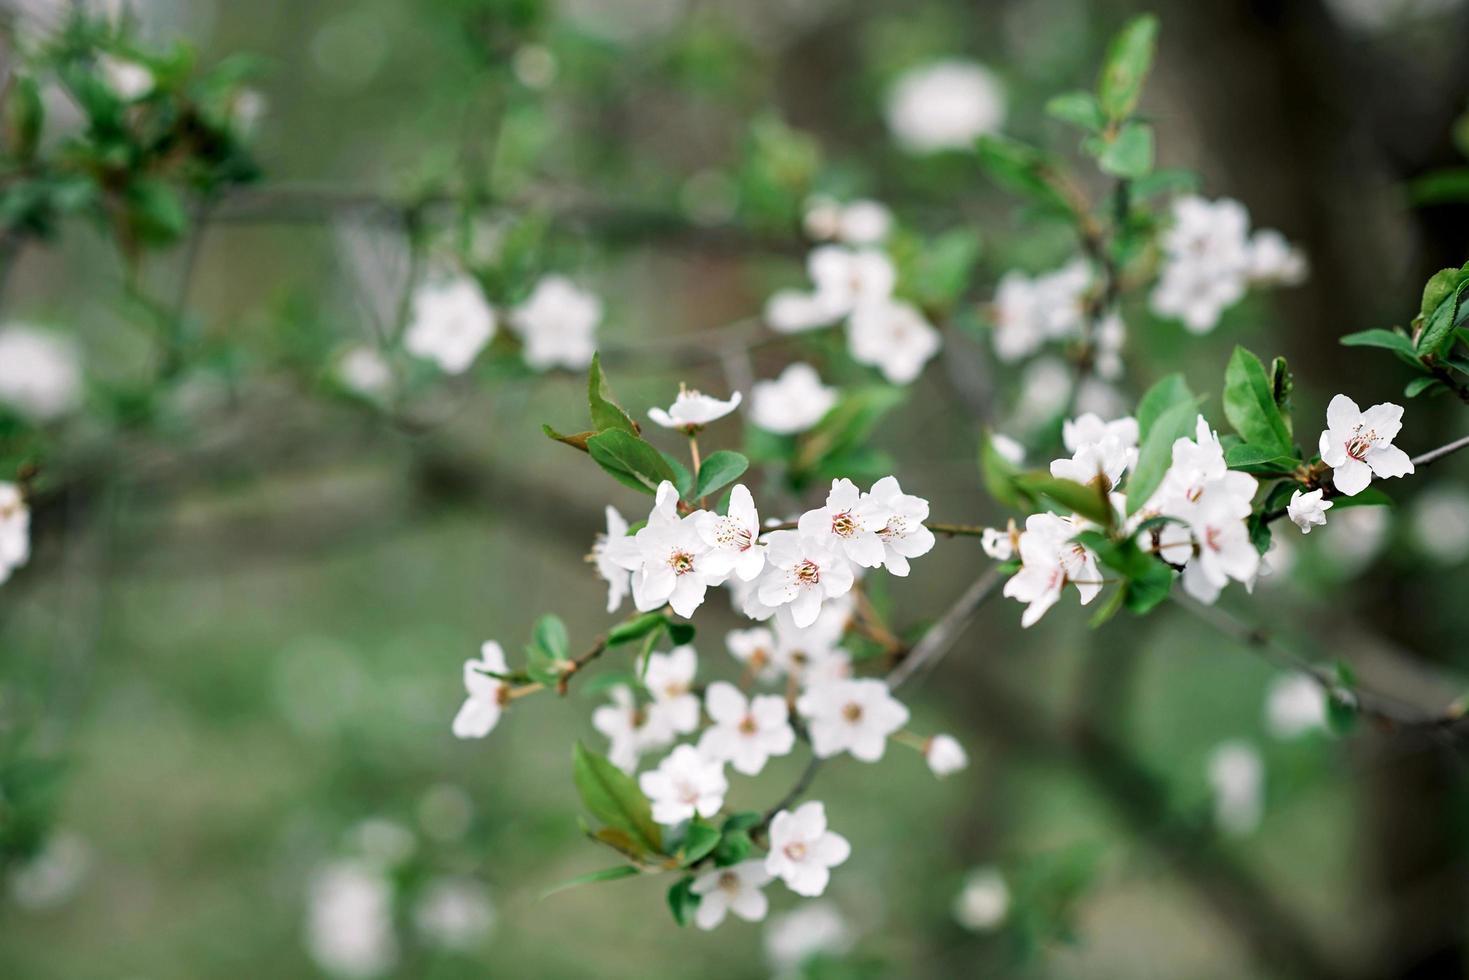 flores de cerezo en plena floración. flores de cerezo en pequeños racimos en una rama de un cerezo convirtiéndose en blanco sobre un fondo verde. poca profundidad de campo. textura floral. foto